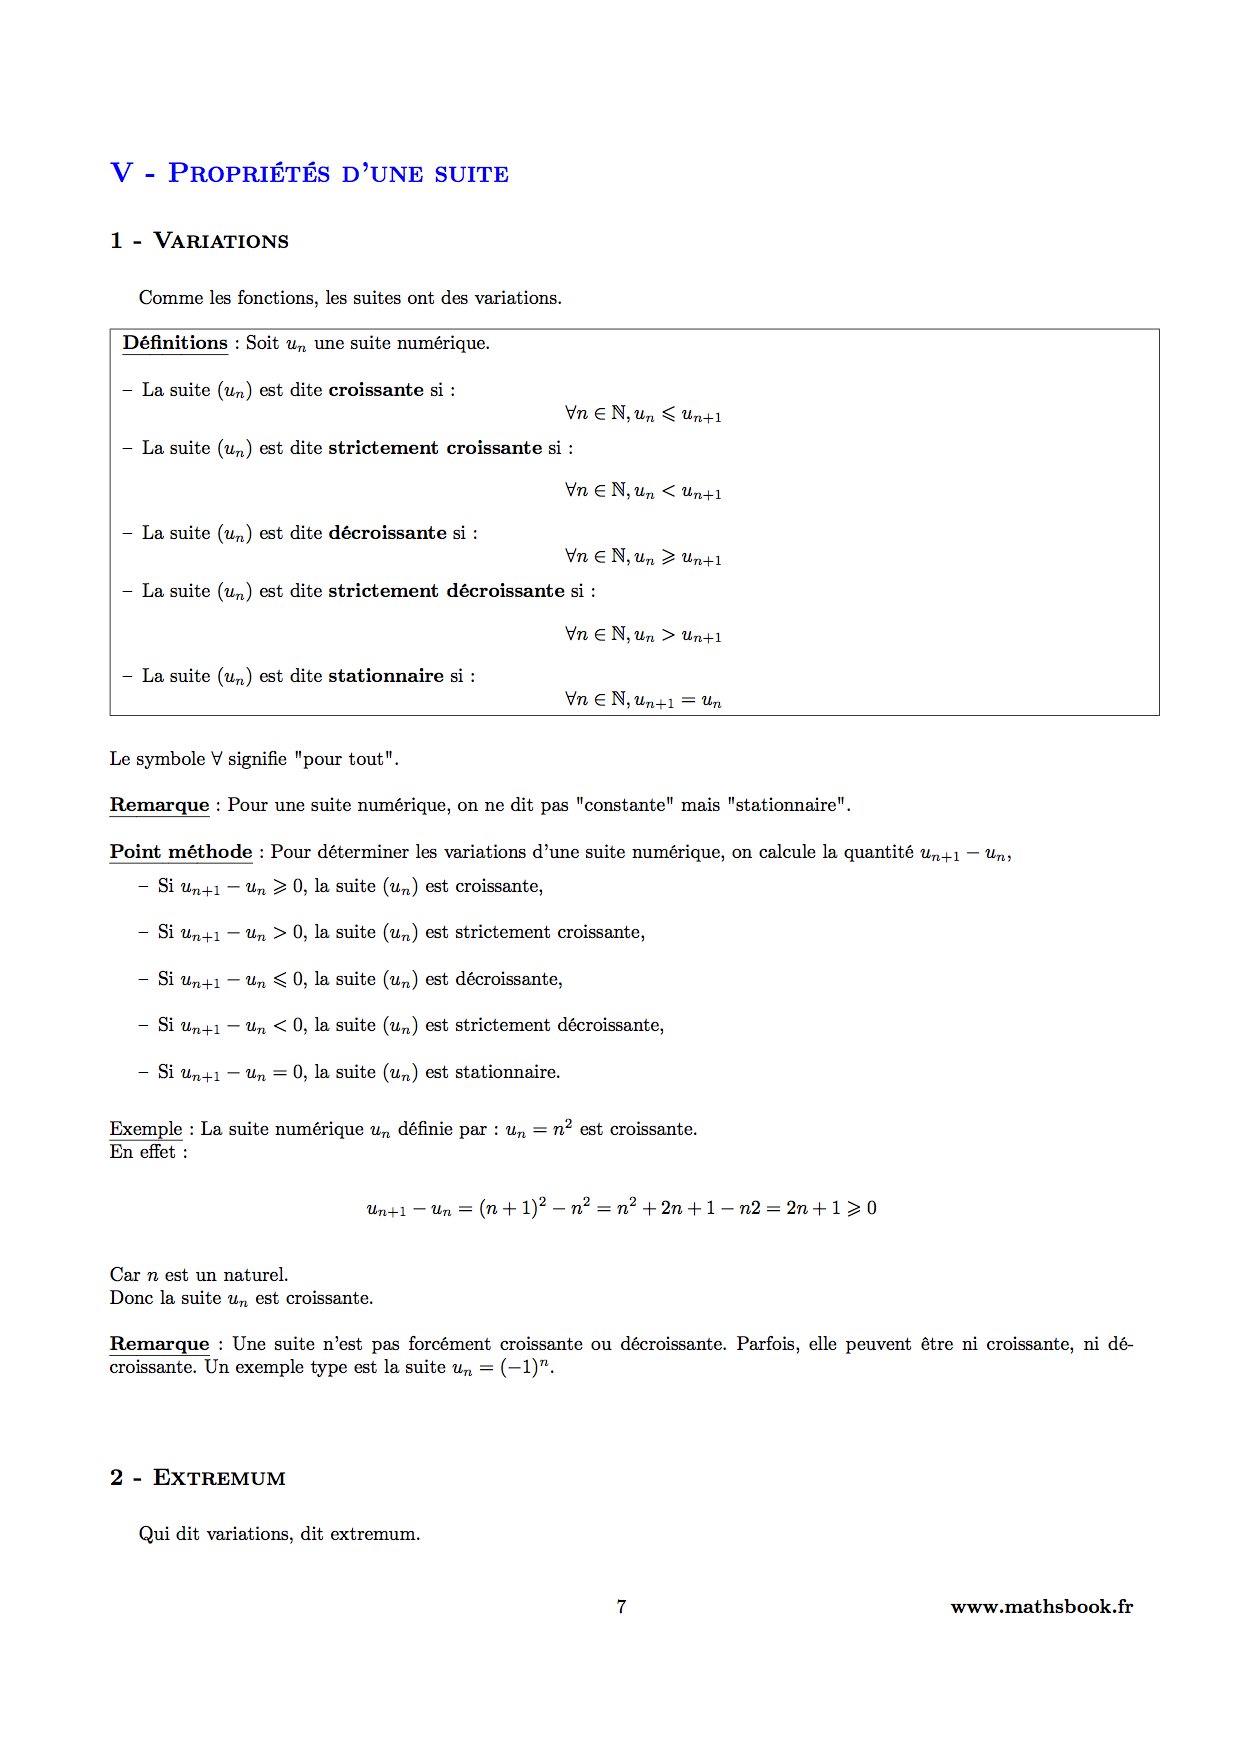 fonction numerique terminale pdf